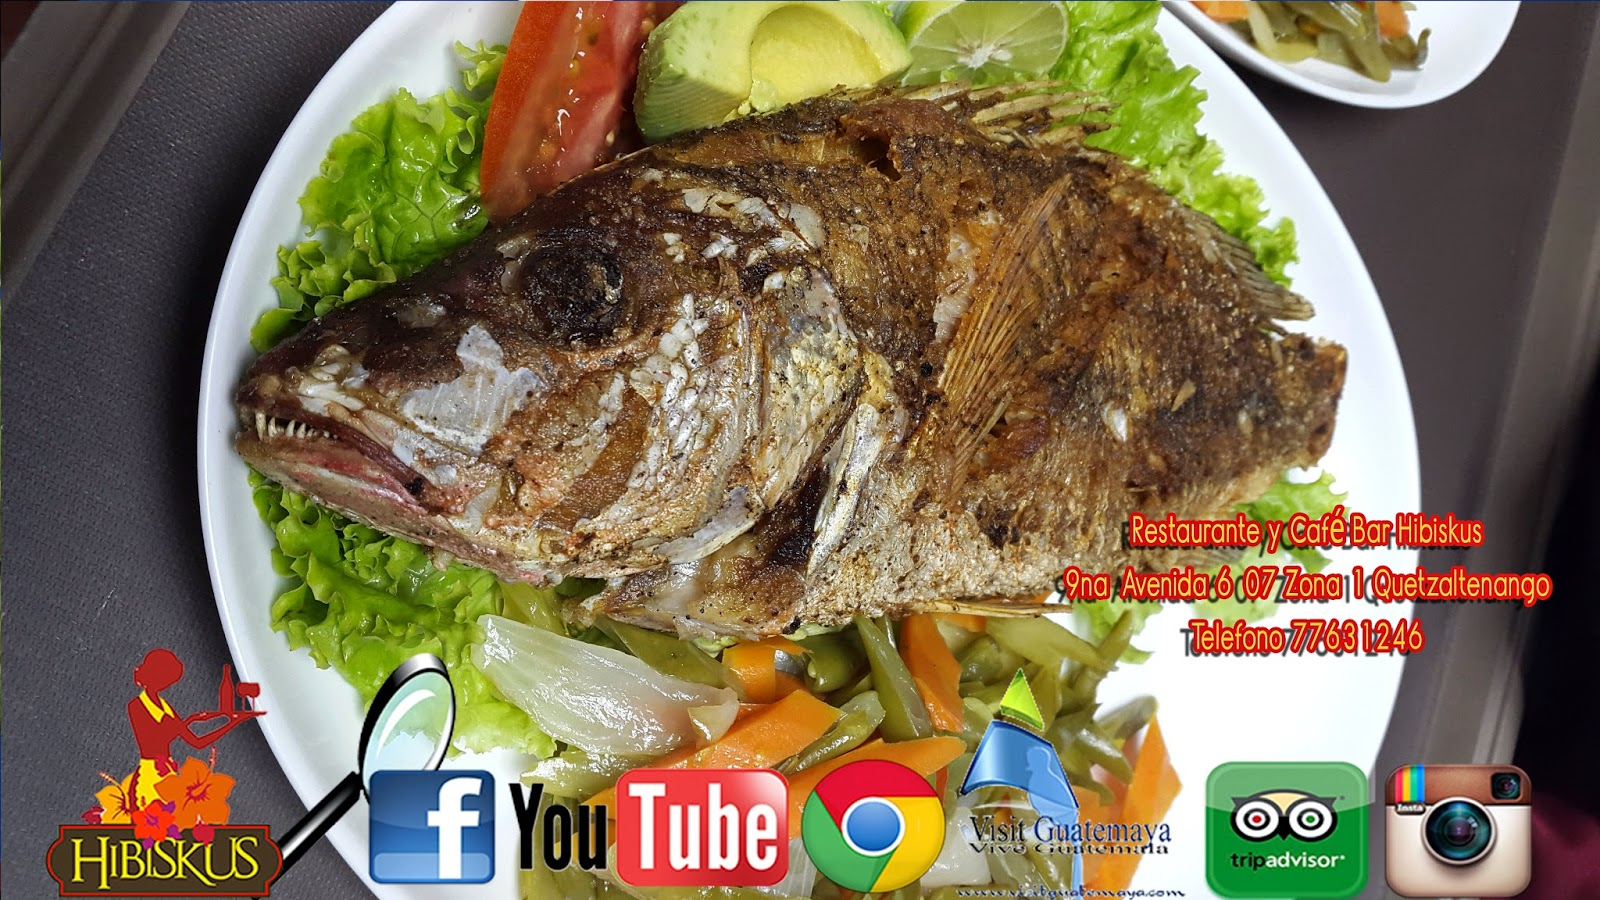 Restaurantes en Quetzaltenango  Restaurante y Cafe Bar